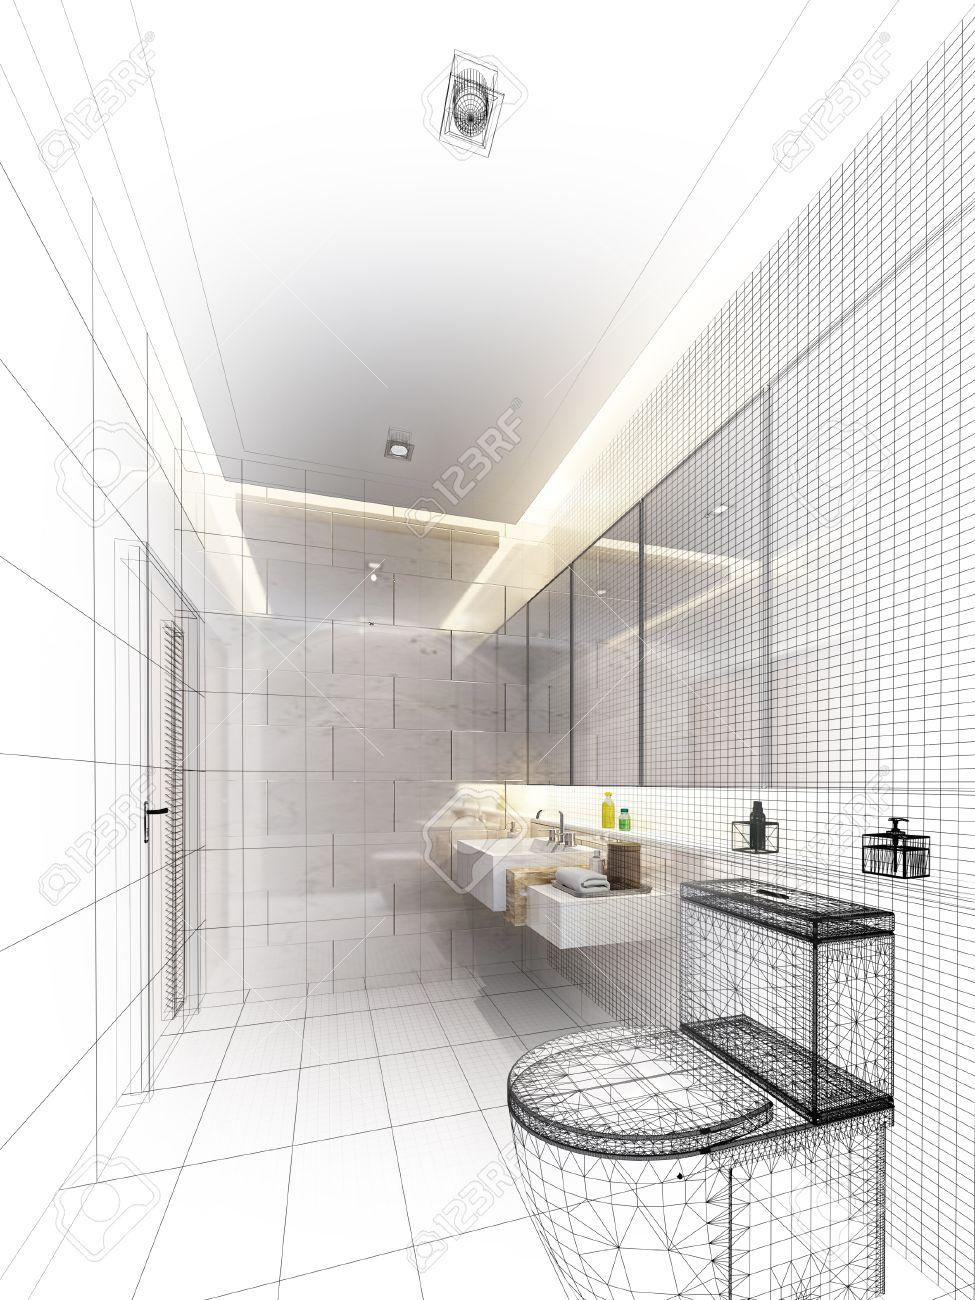 disegno schizzo di bagno interno Archivio Fotografico - 25014847